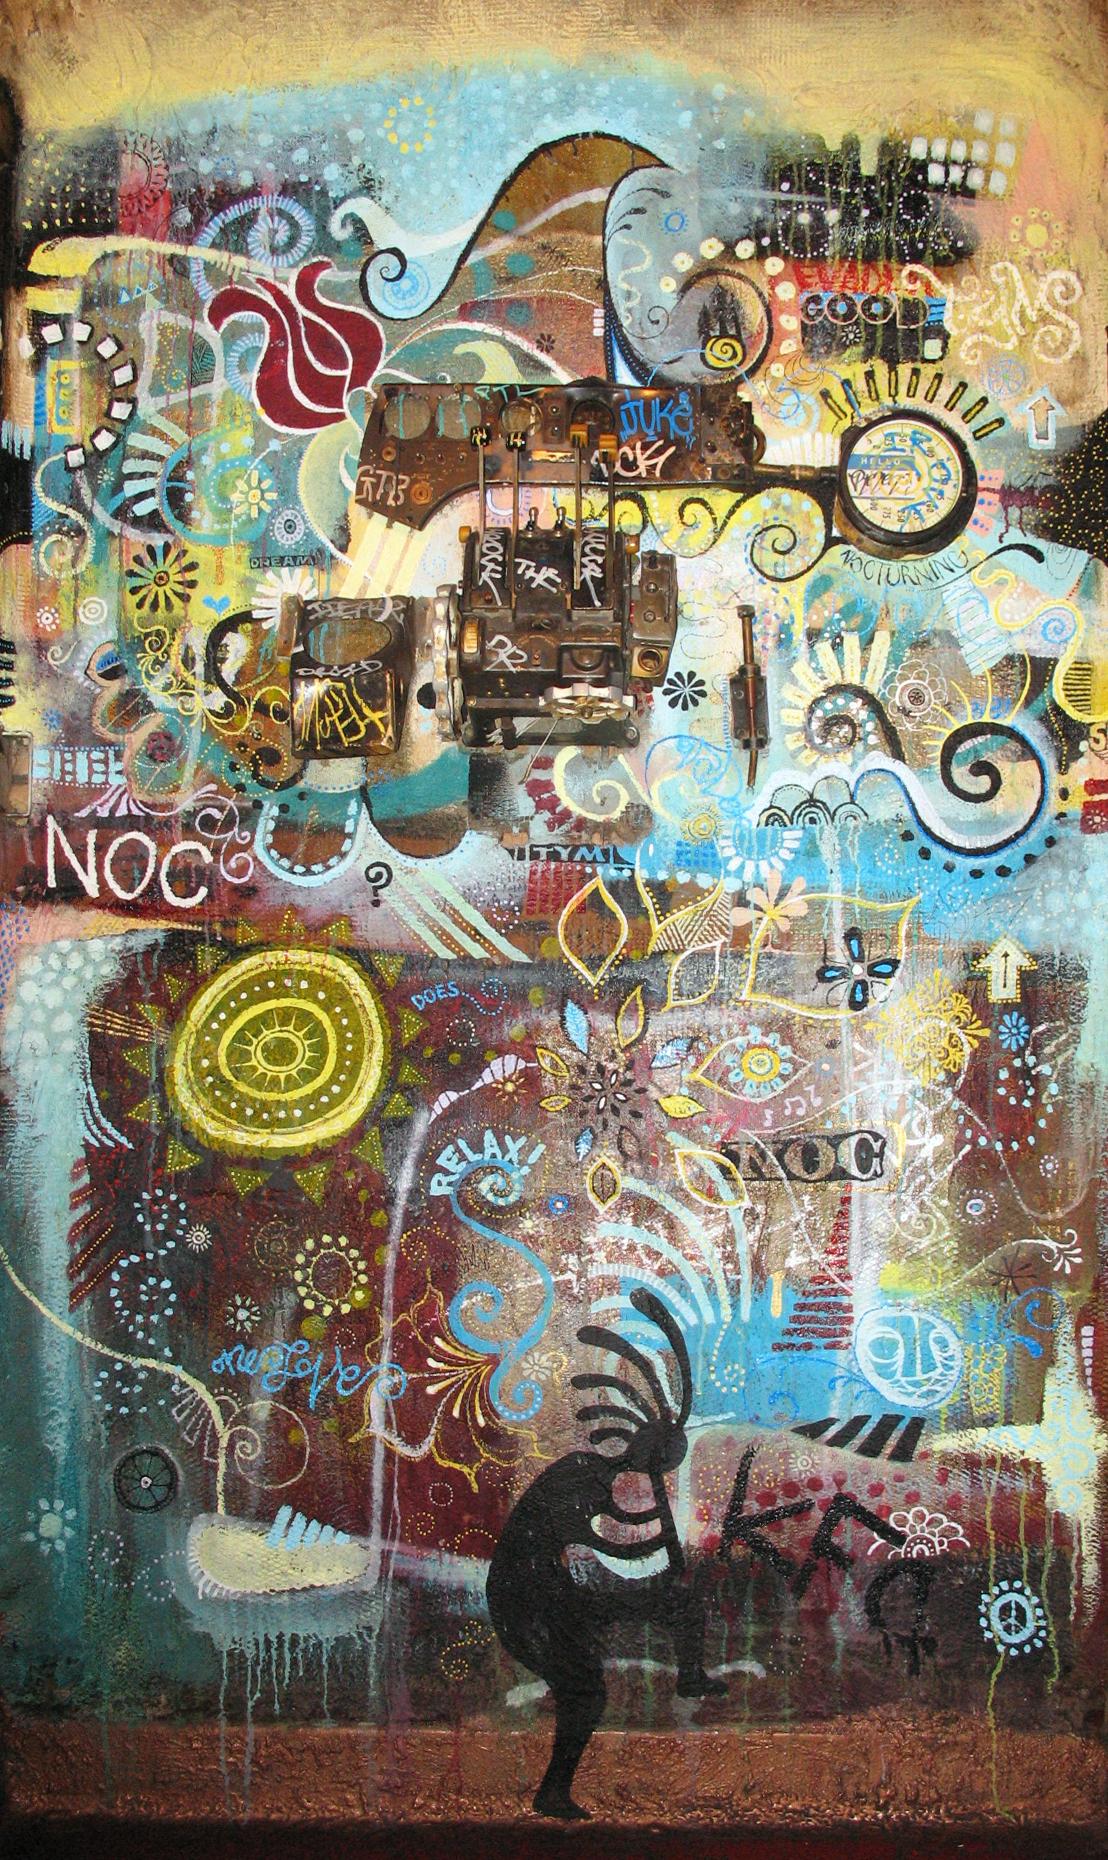 murals_nocnoc.jpg